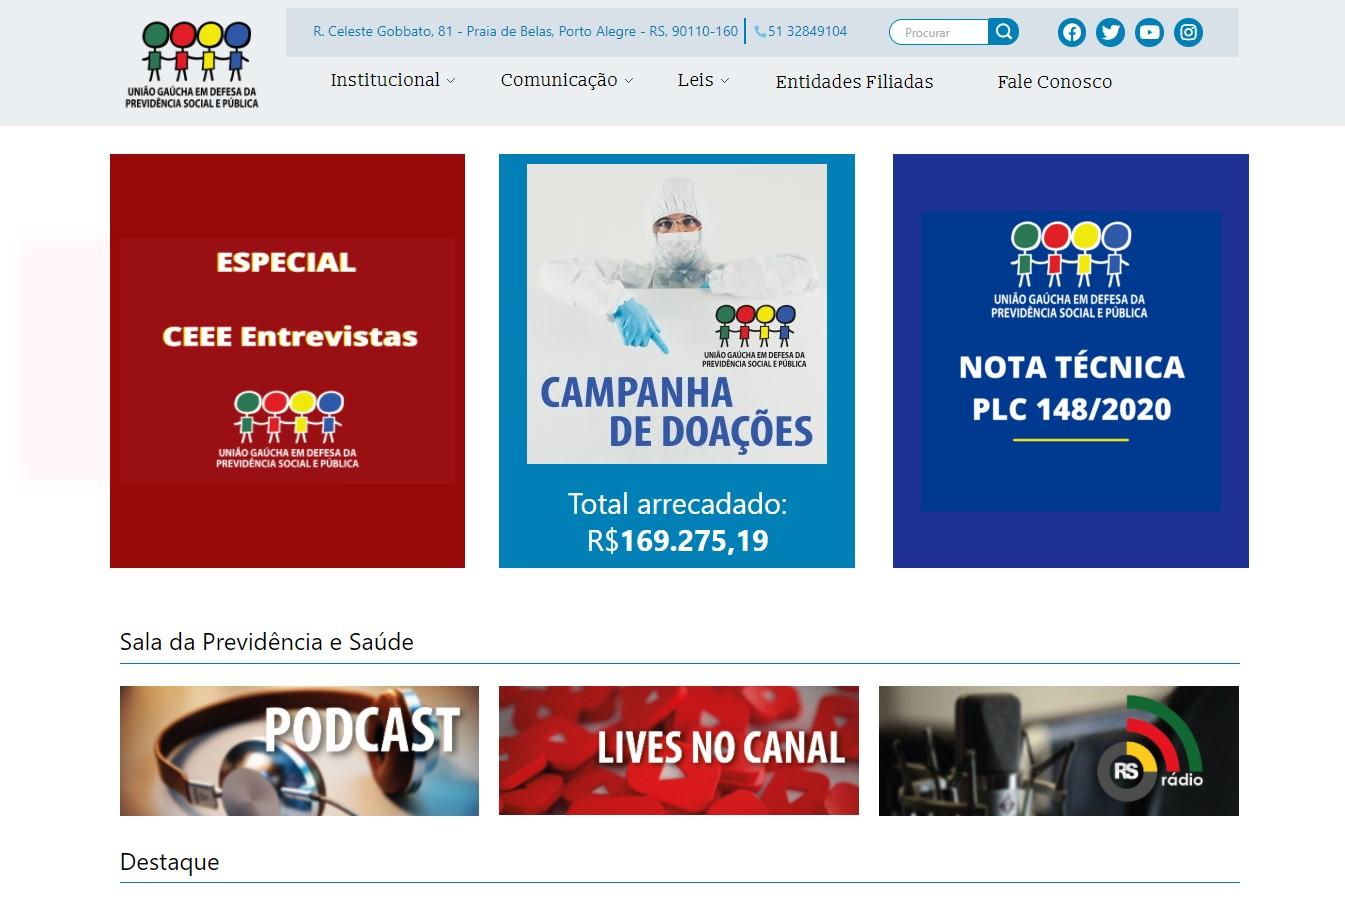 União Gaúcha em Defesa da Previdência Social e Pública